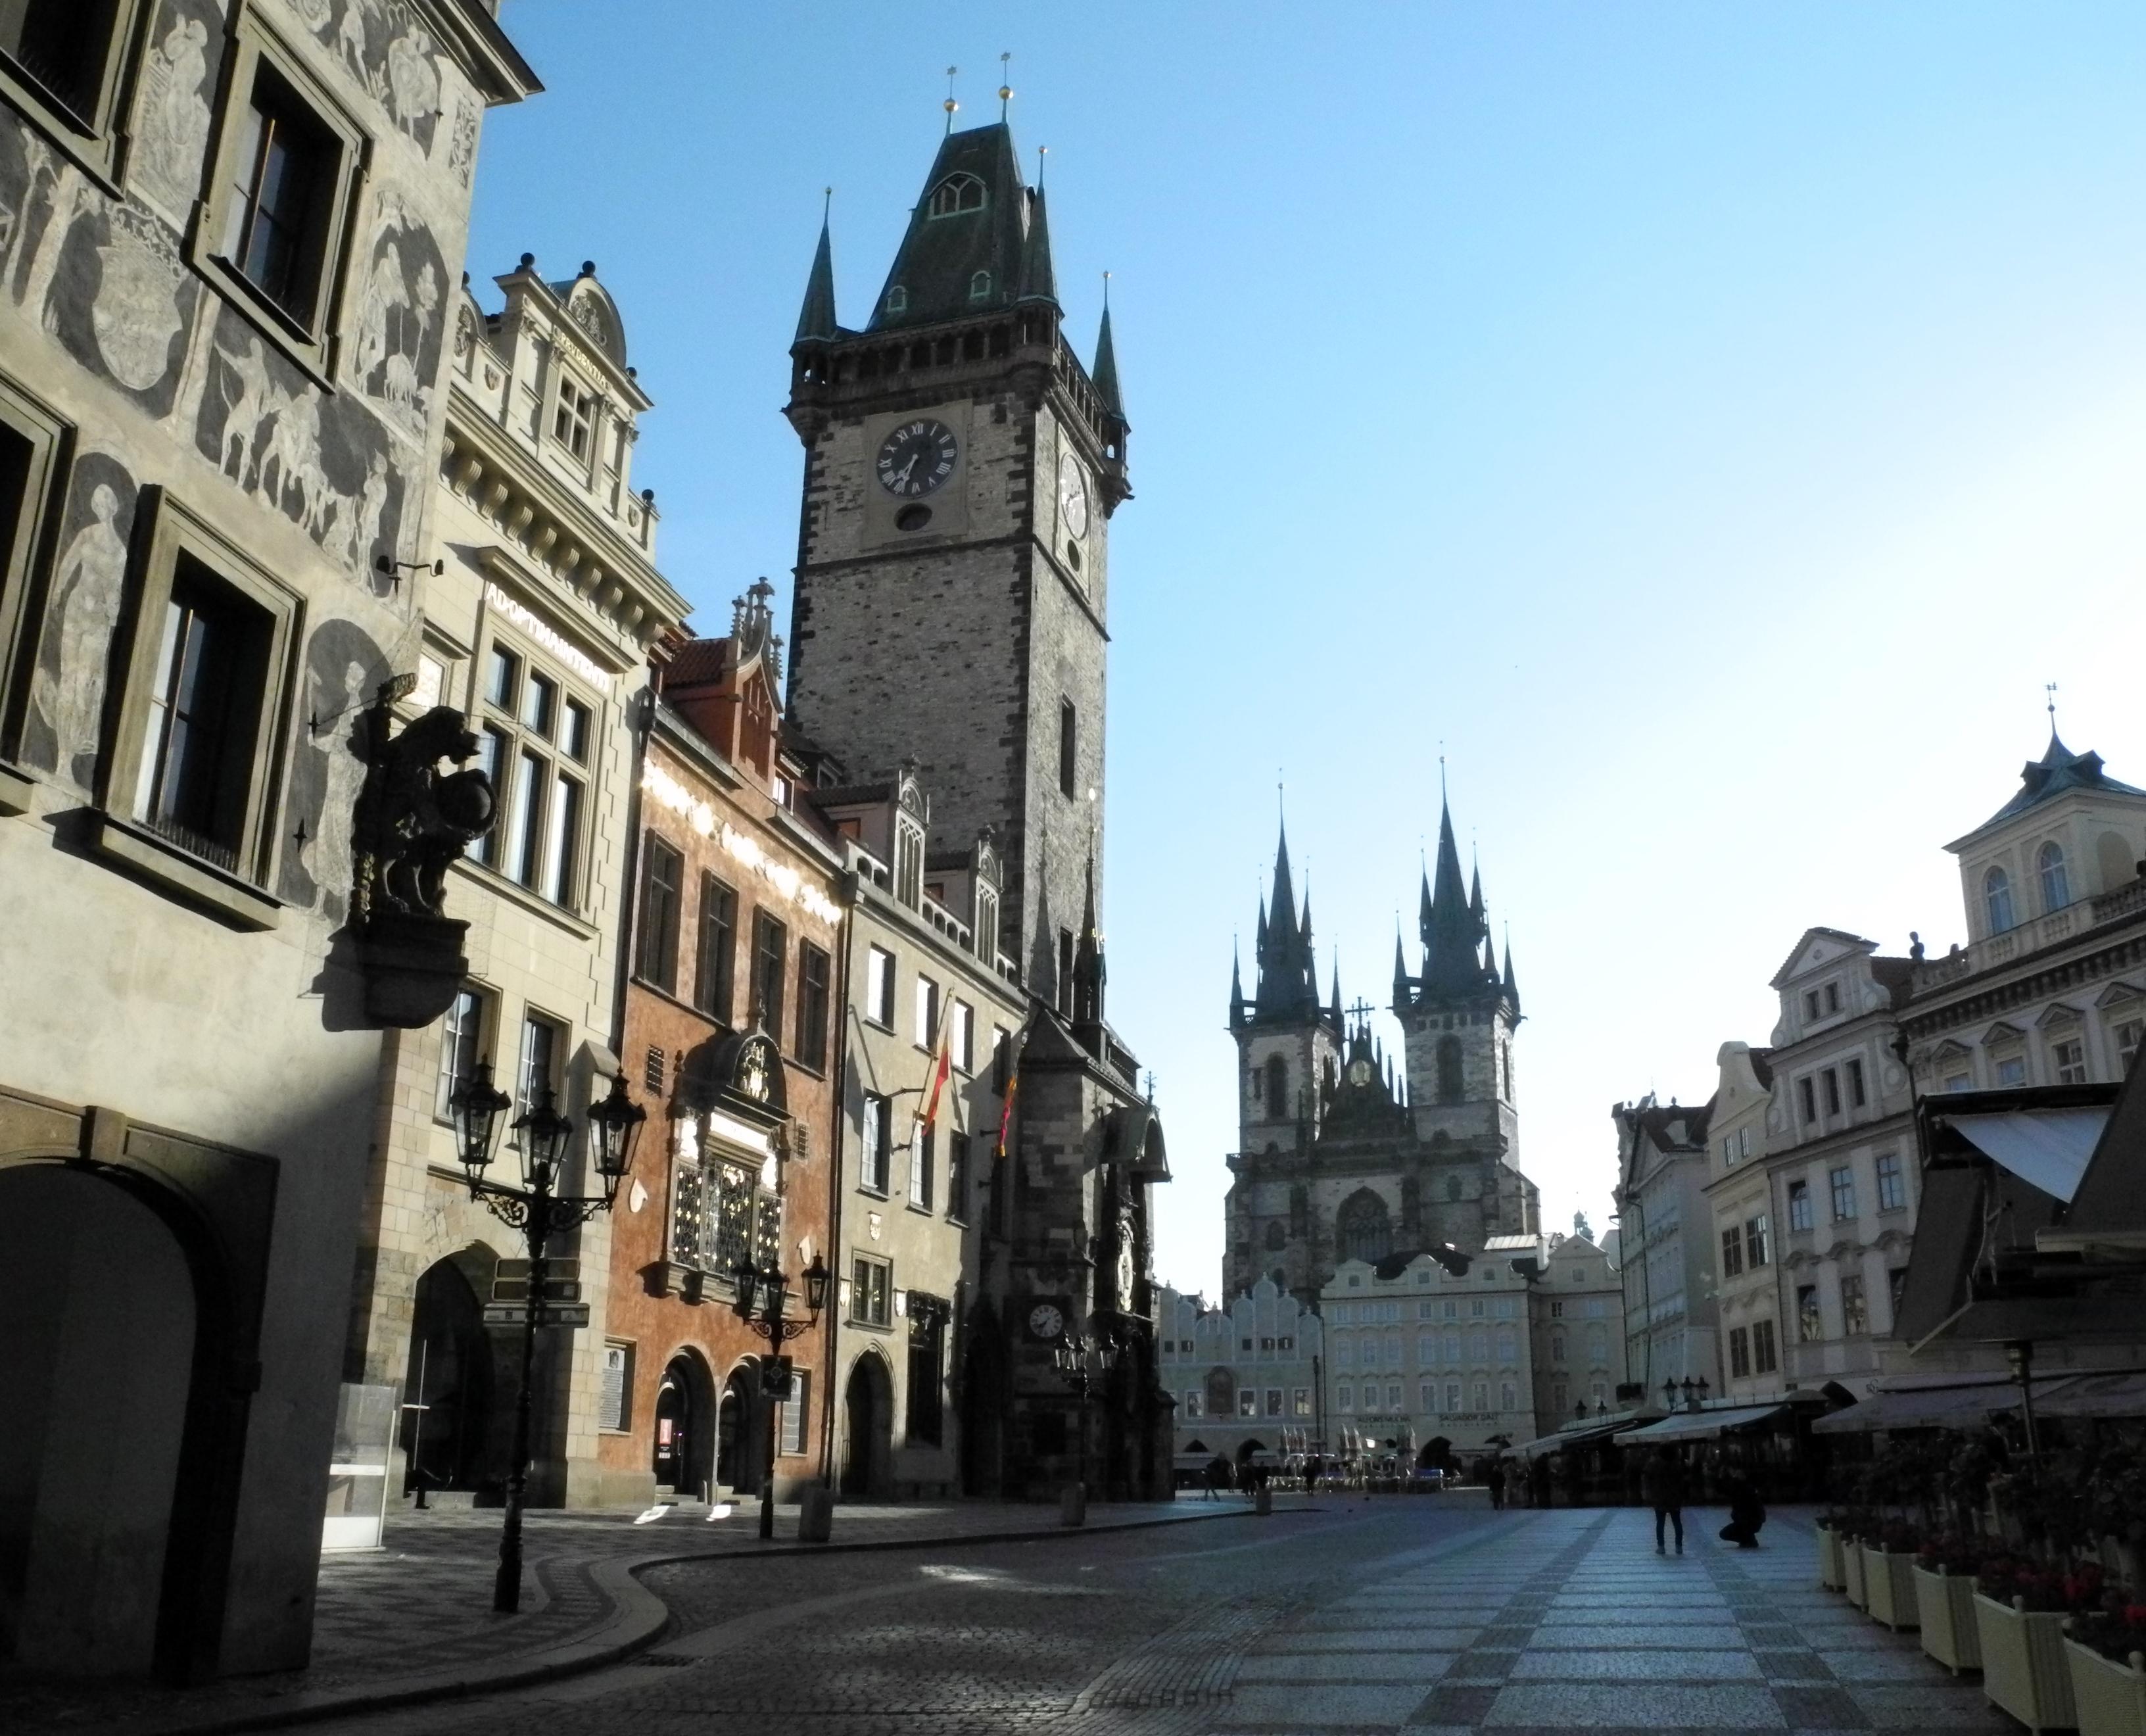 Kurztrip Prag: Der Rathausplatz an einem Sonntag Morgen 7 Uhr